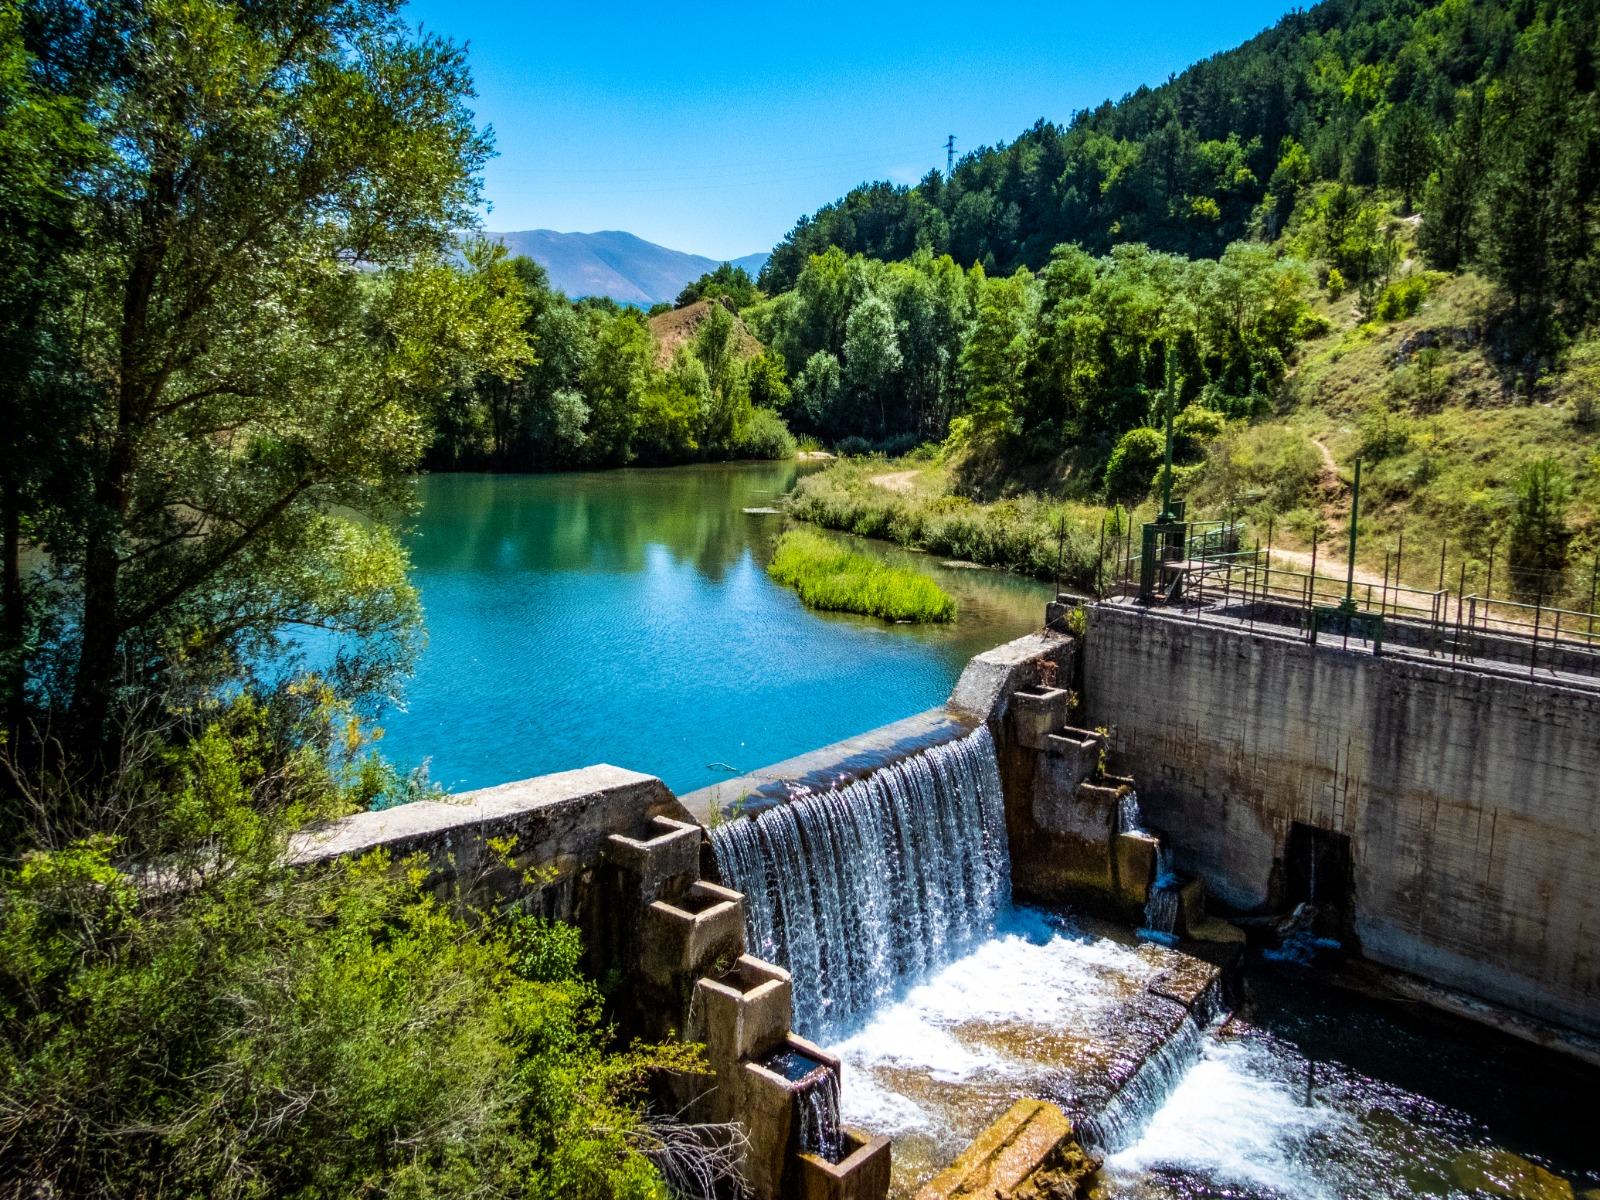 Il Comune di Pescina contrario alla captazione del fiume Giovenco, chiesto un incontro urgente con la Regione